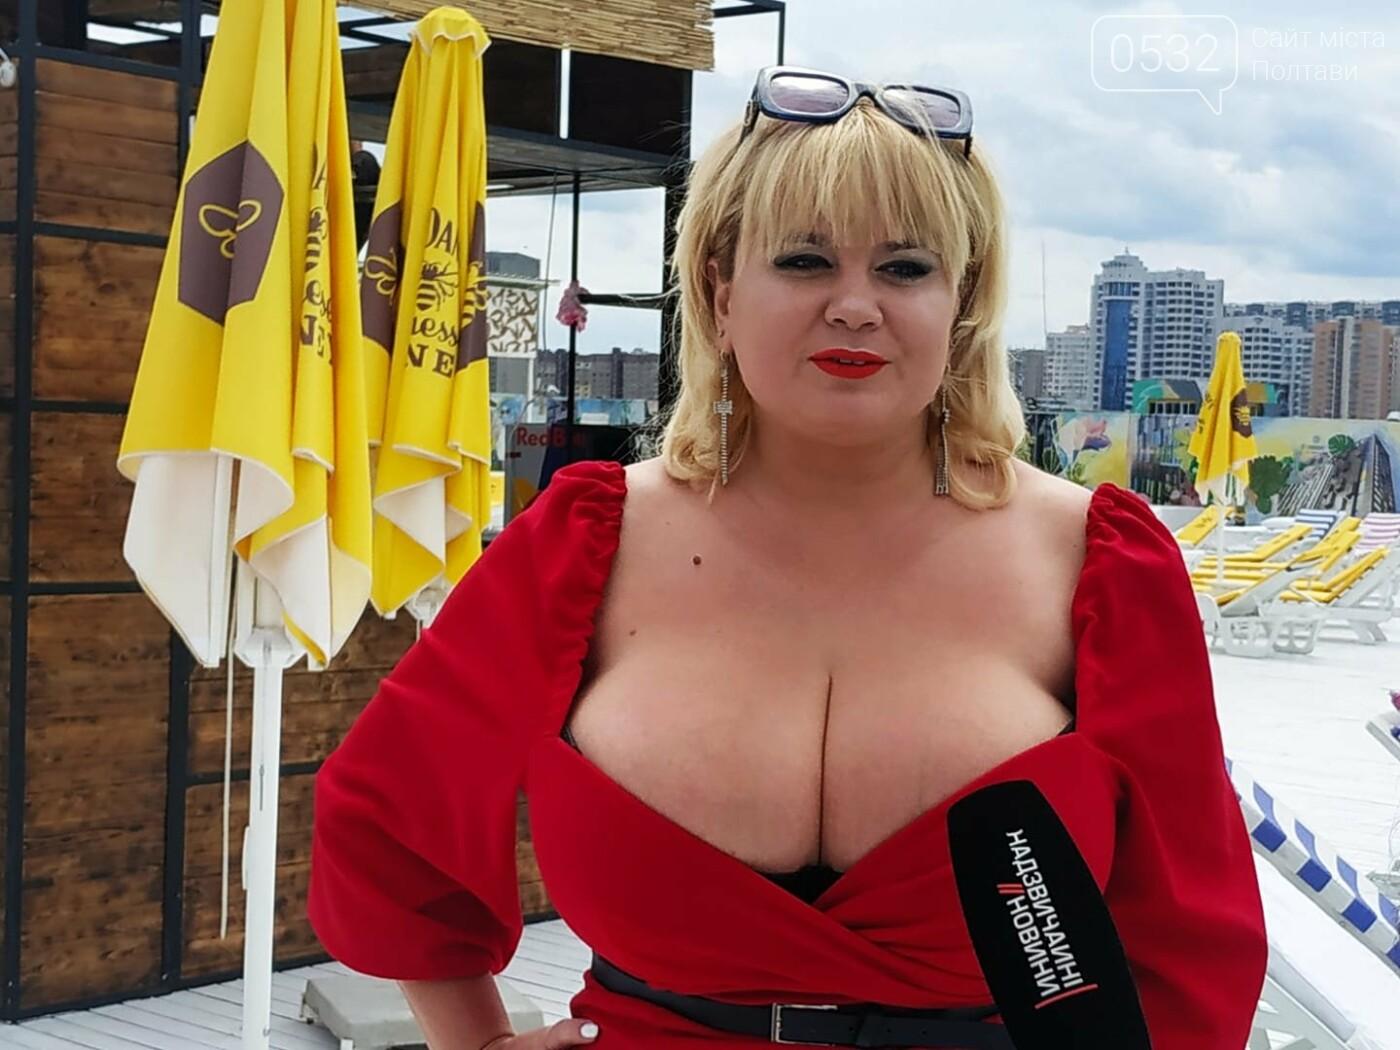 Уродженка Полтавщини стала володаркою найбільших грудей в Україні (ФОТО), фото-7